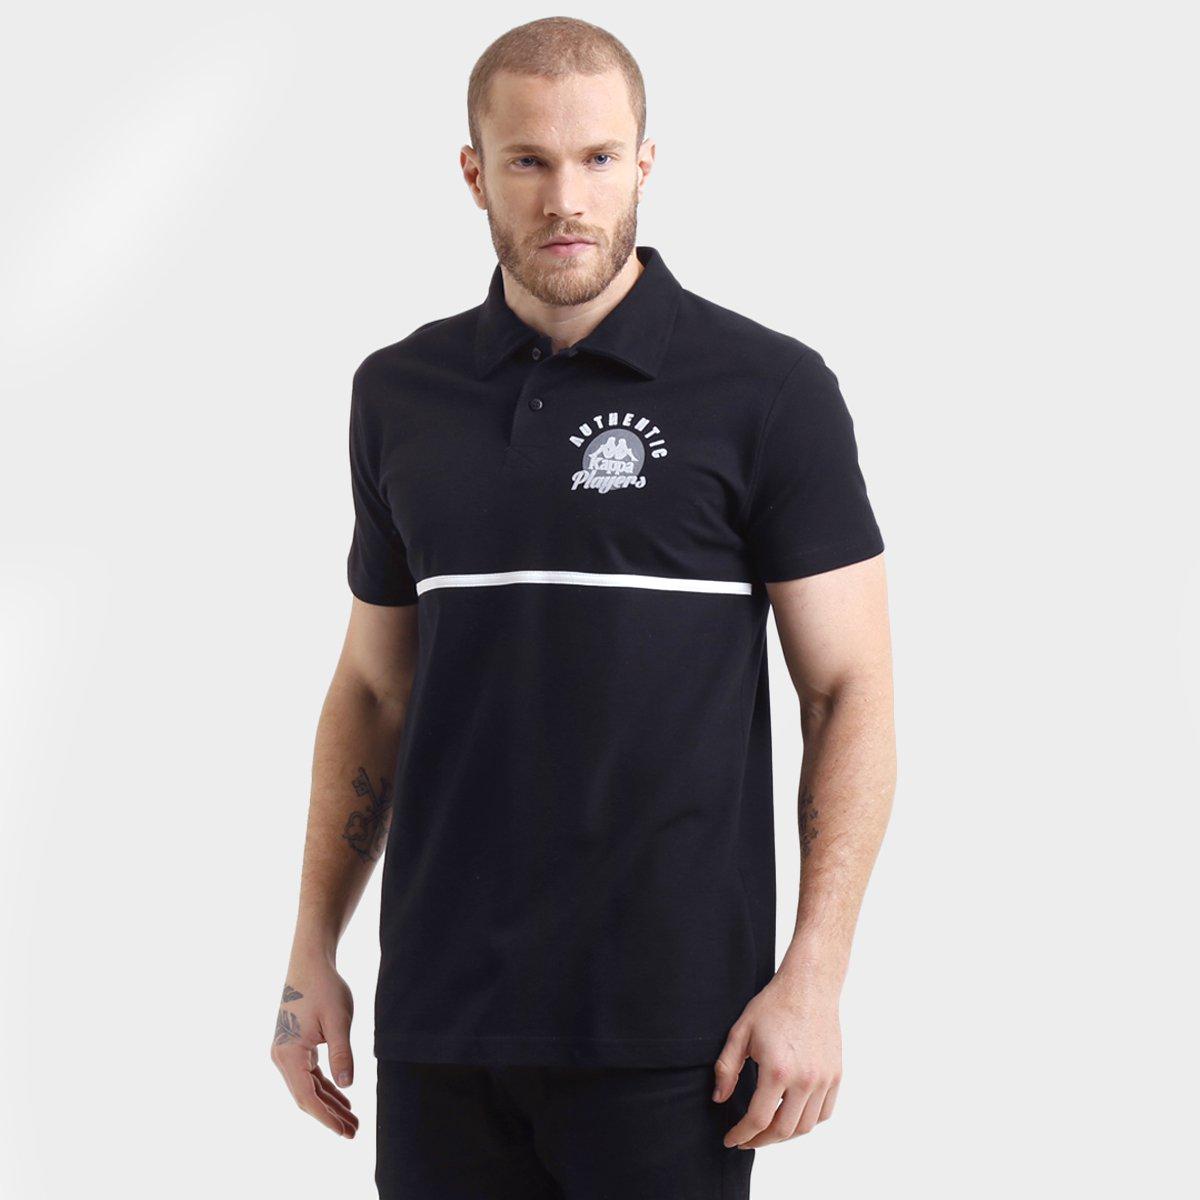 Camisa Polo Kappa Elevate 8e5372fa1aac9